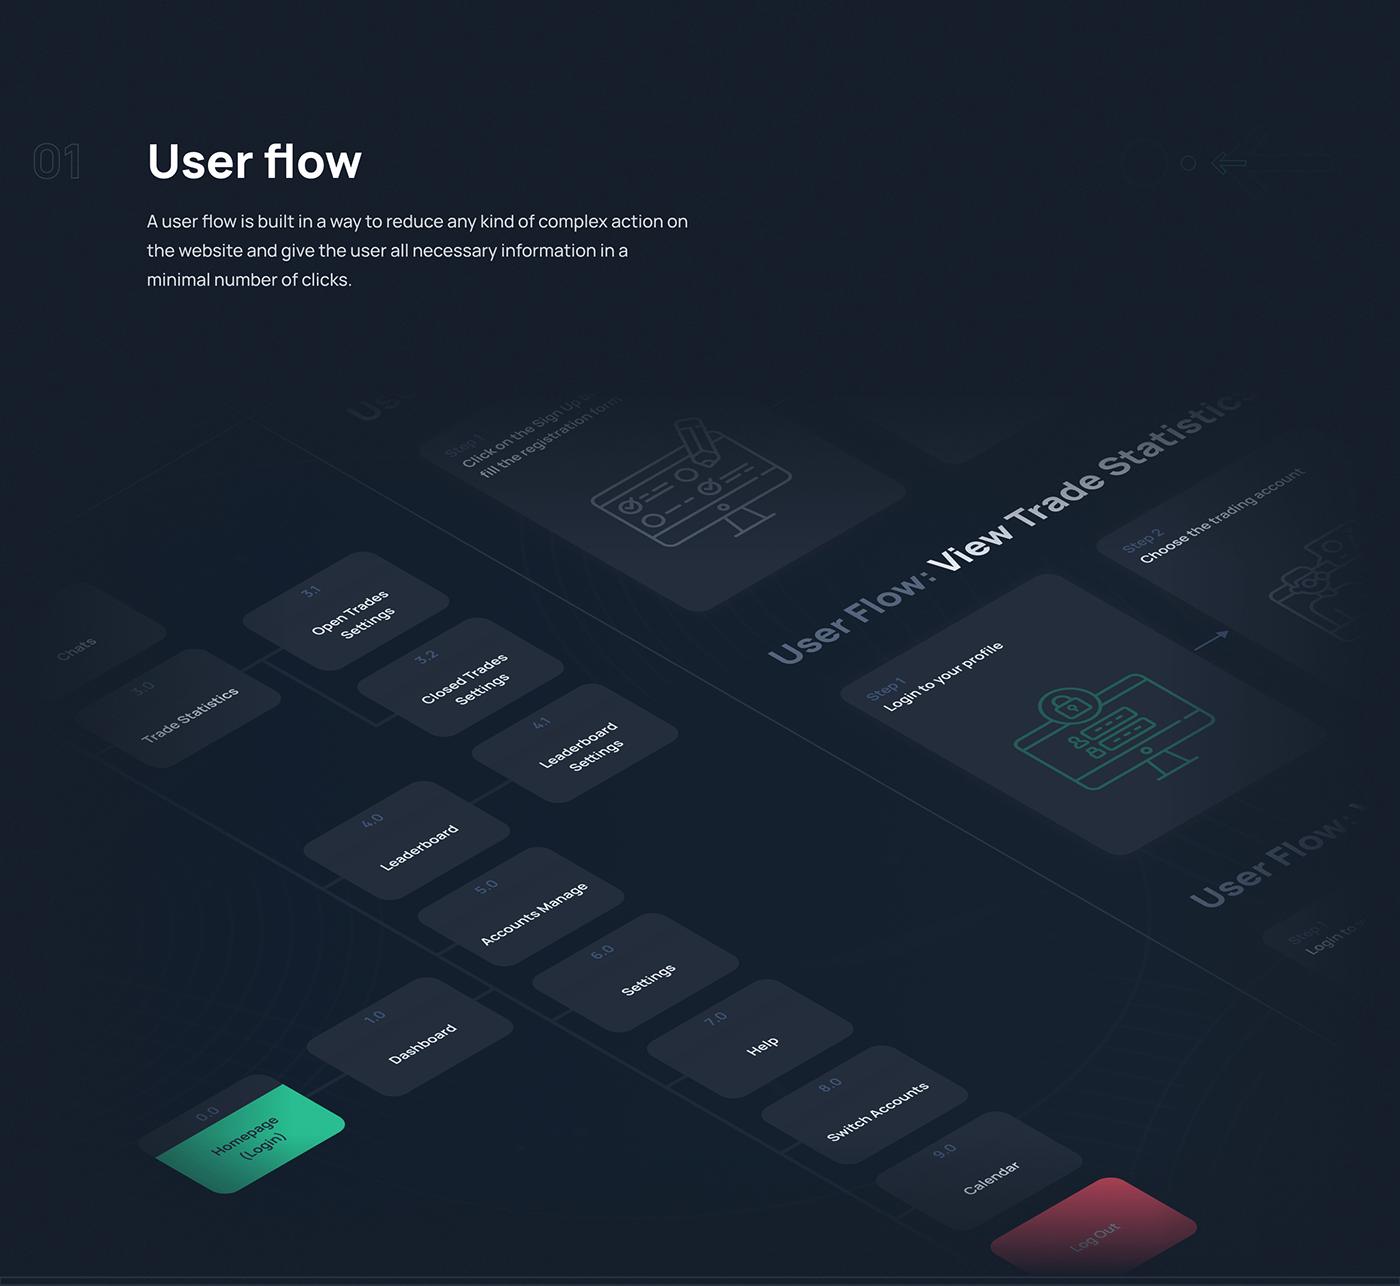 app dashboard design design system Finchtech trading UI ui kit ux Webdesign